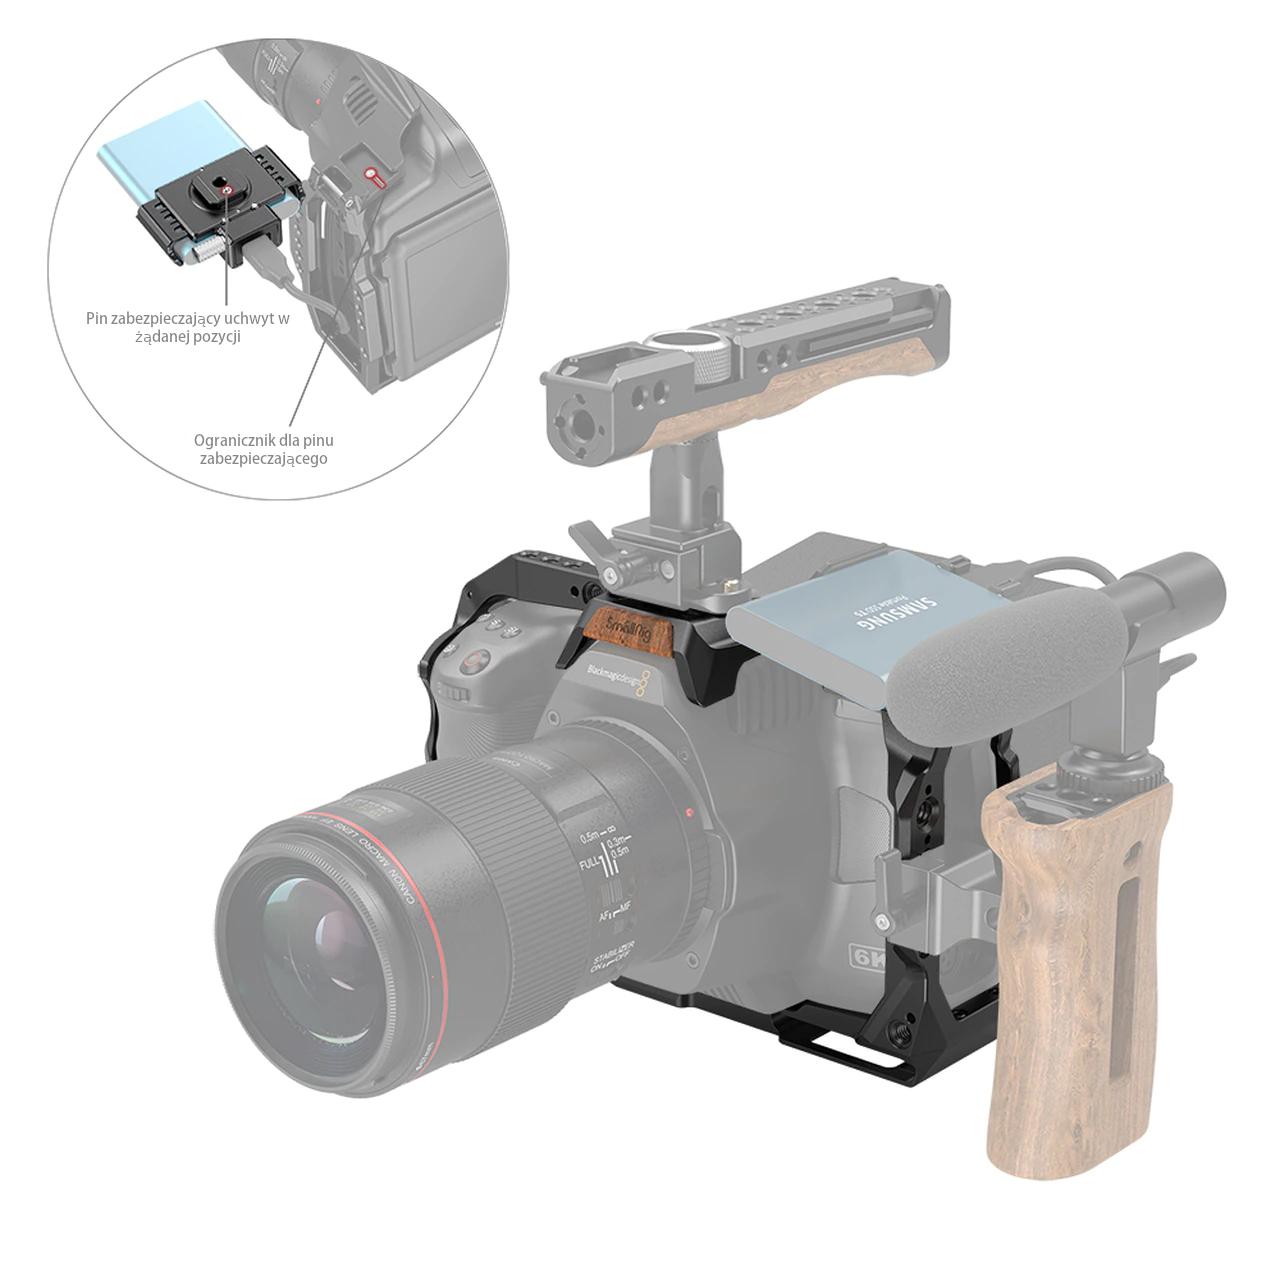 smallrig-3270-full-camera-cage-klatka-operatorska-bmpcc-6k-pro-pocket-08%281%29.jpg